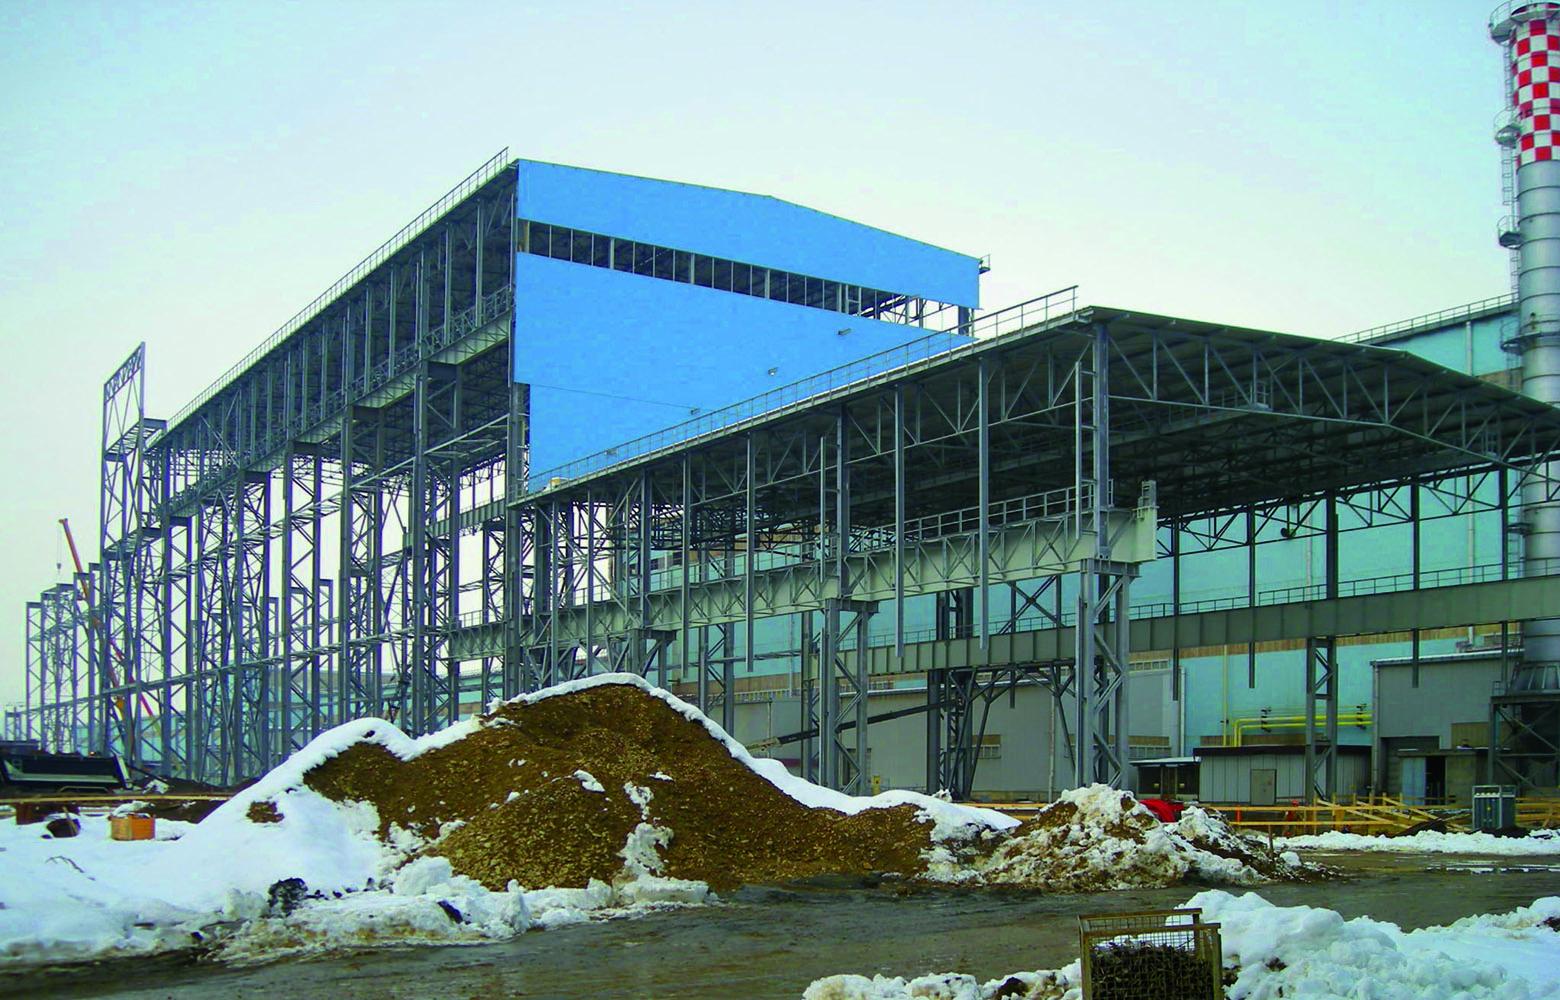 06 - 15 gennaio 2009